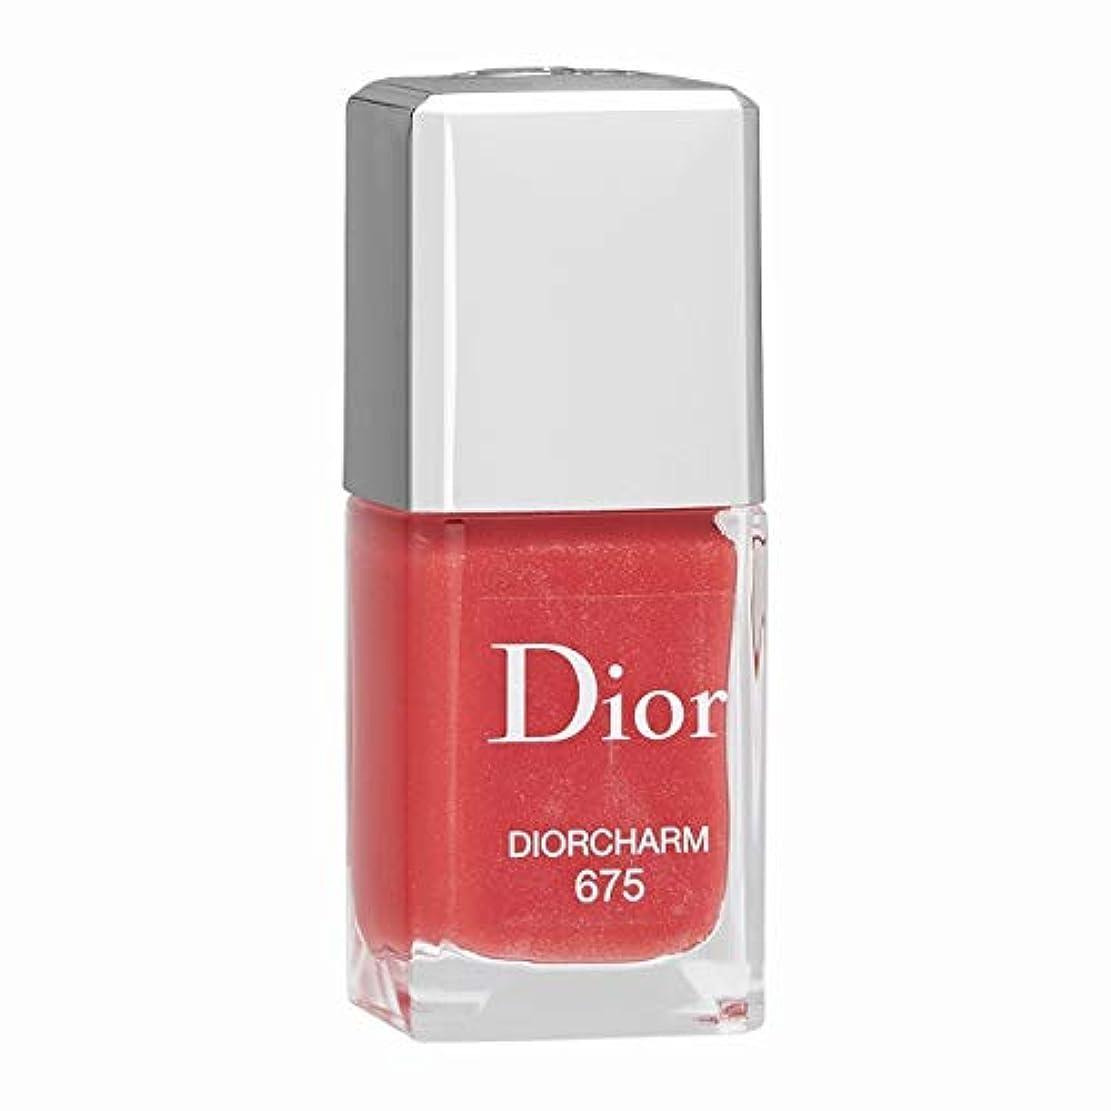 留まるパイント五十ディオール(Dior) ディオール ヴェルニ #675(ディオールチャーム) [並行輸入品]